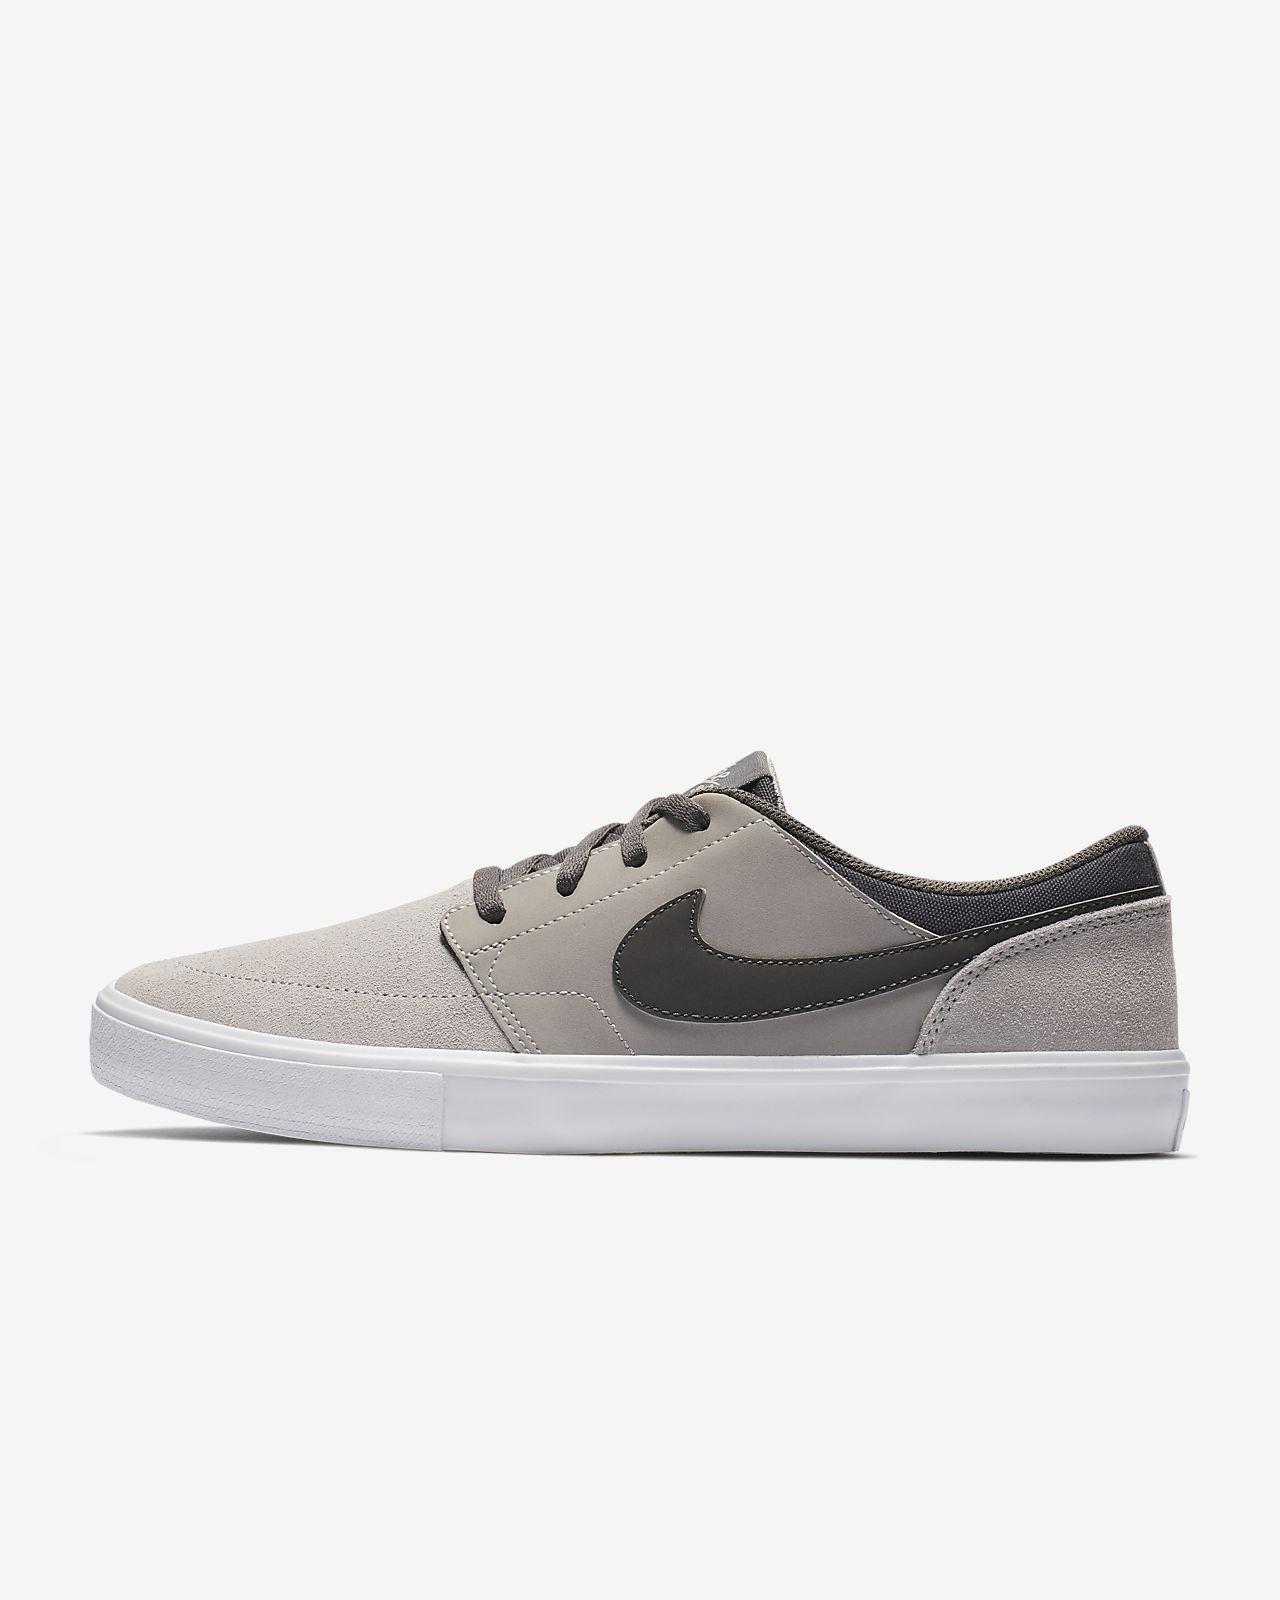 online retailer a7786 596f7 ... Męskie buty do skateboardingu Nike SB Solarsoft Portmore II